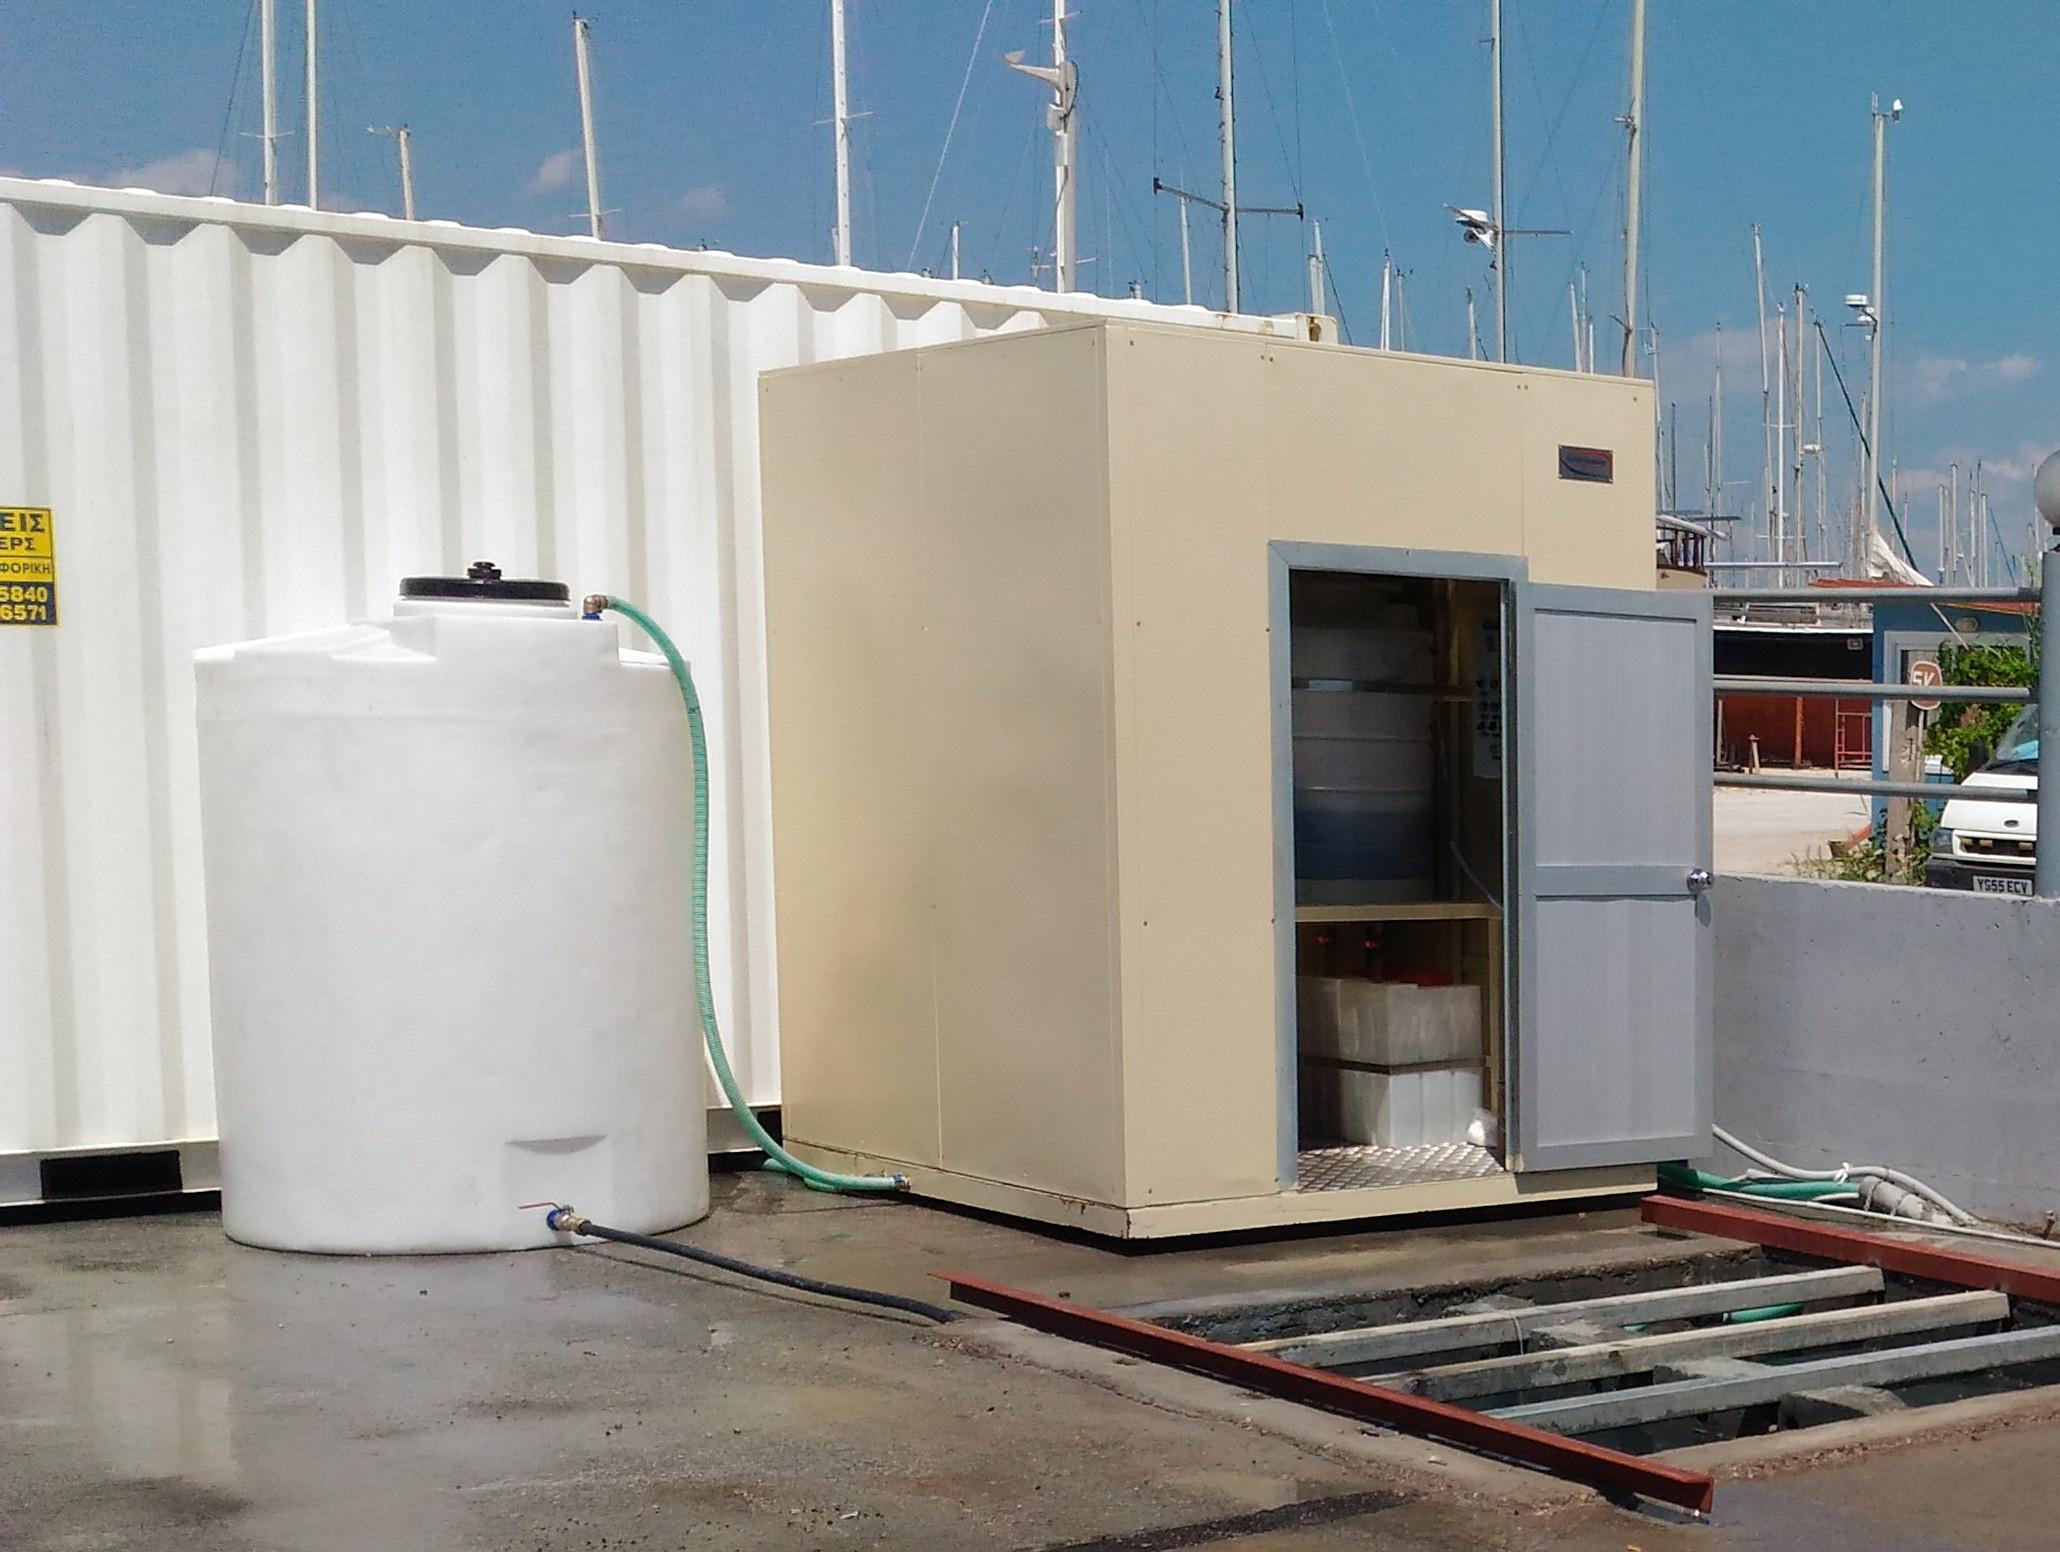 Depuratore Acque Cantieri Navali WT002